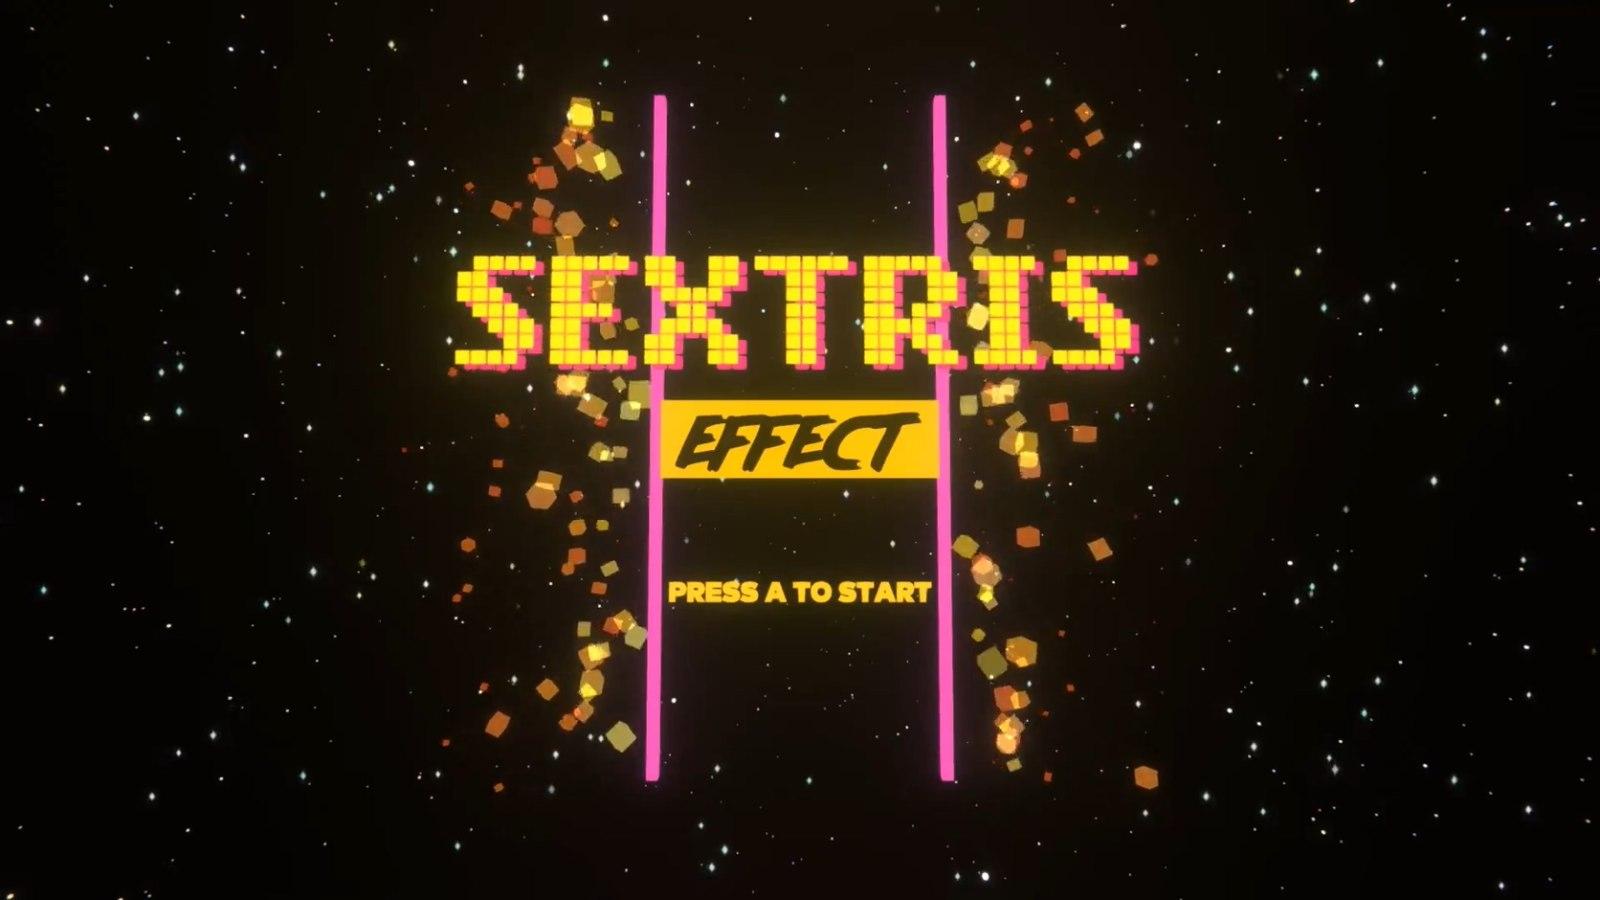 我怀疑你在搞XX,《Sextris Effect》登陆Steam平台